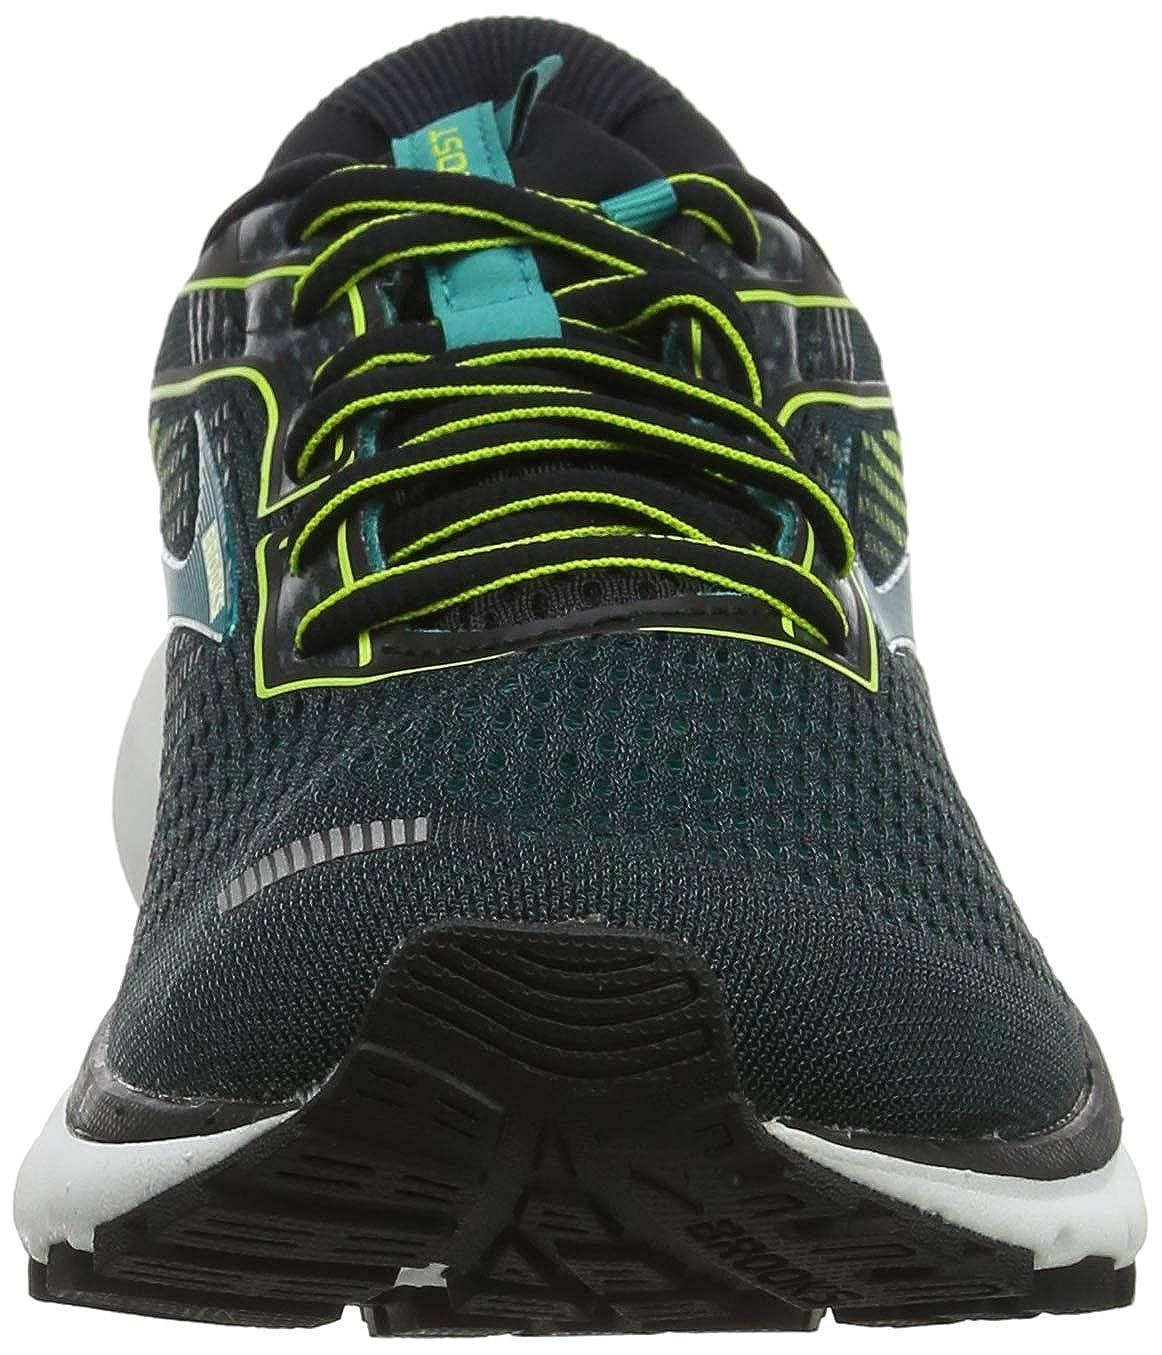 Noir Chaussures de Running Homme 45 EU Brooks Ghost 12 Black//Lime//Blue Grass 018